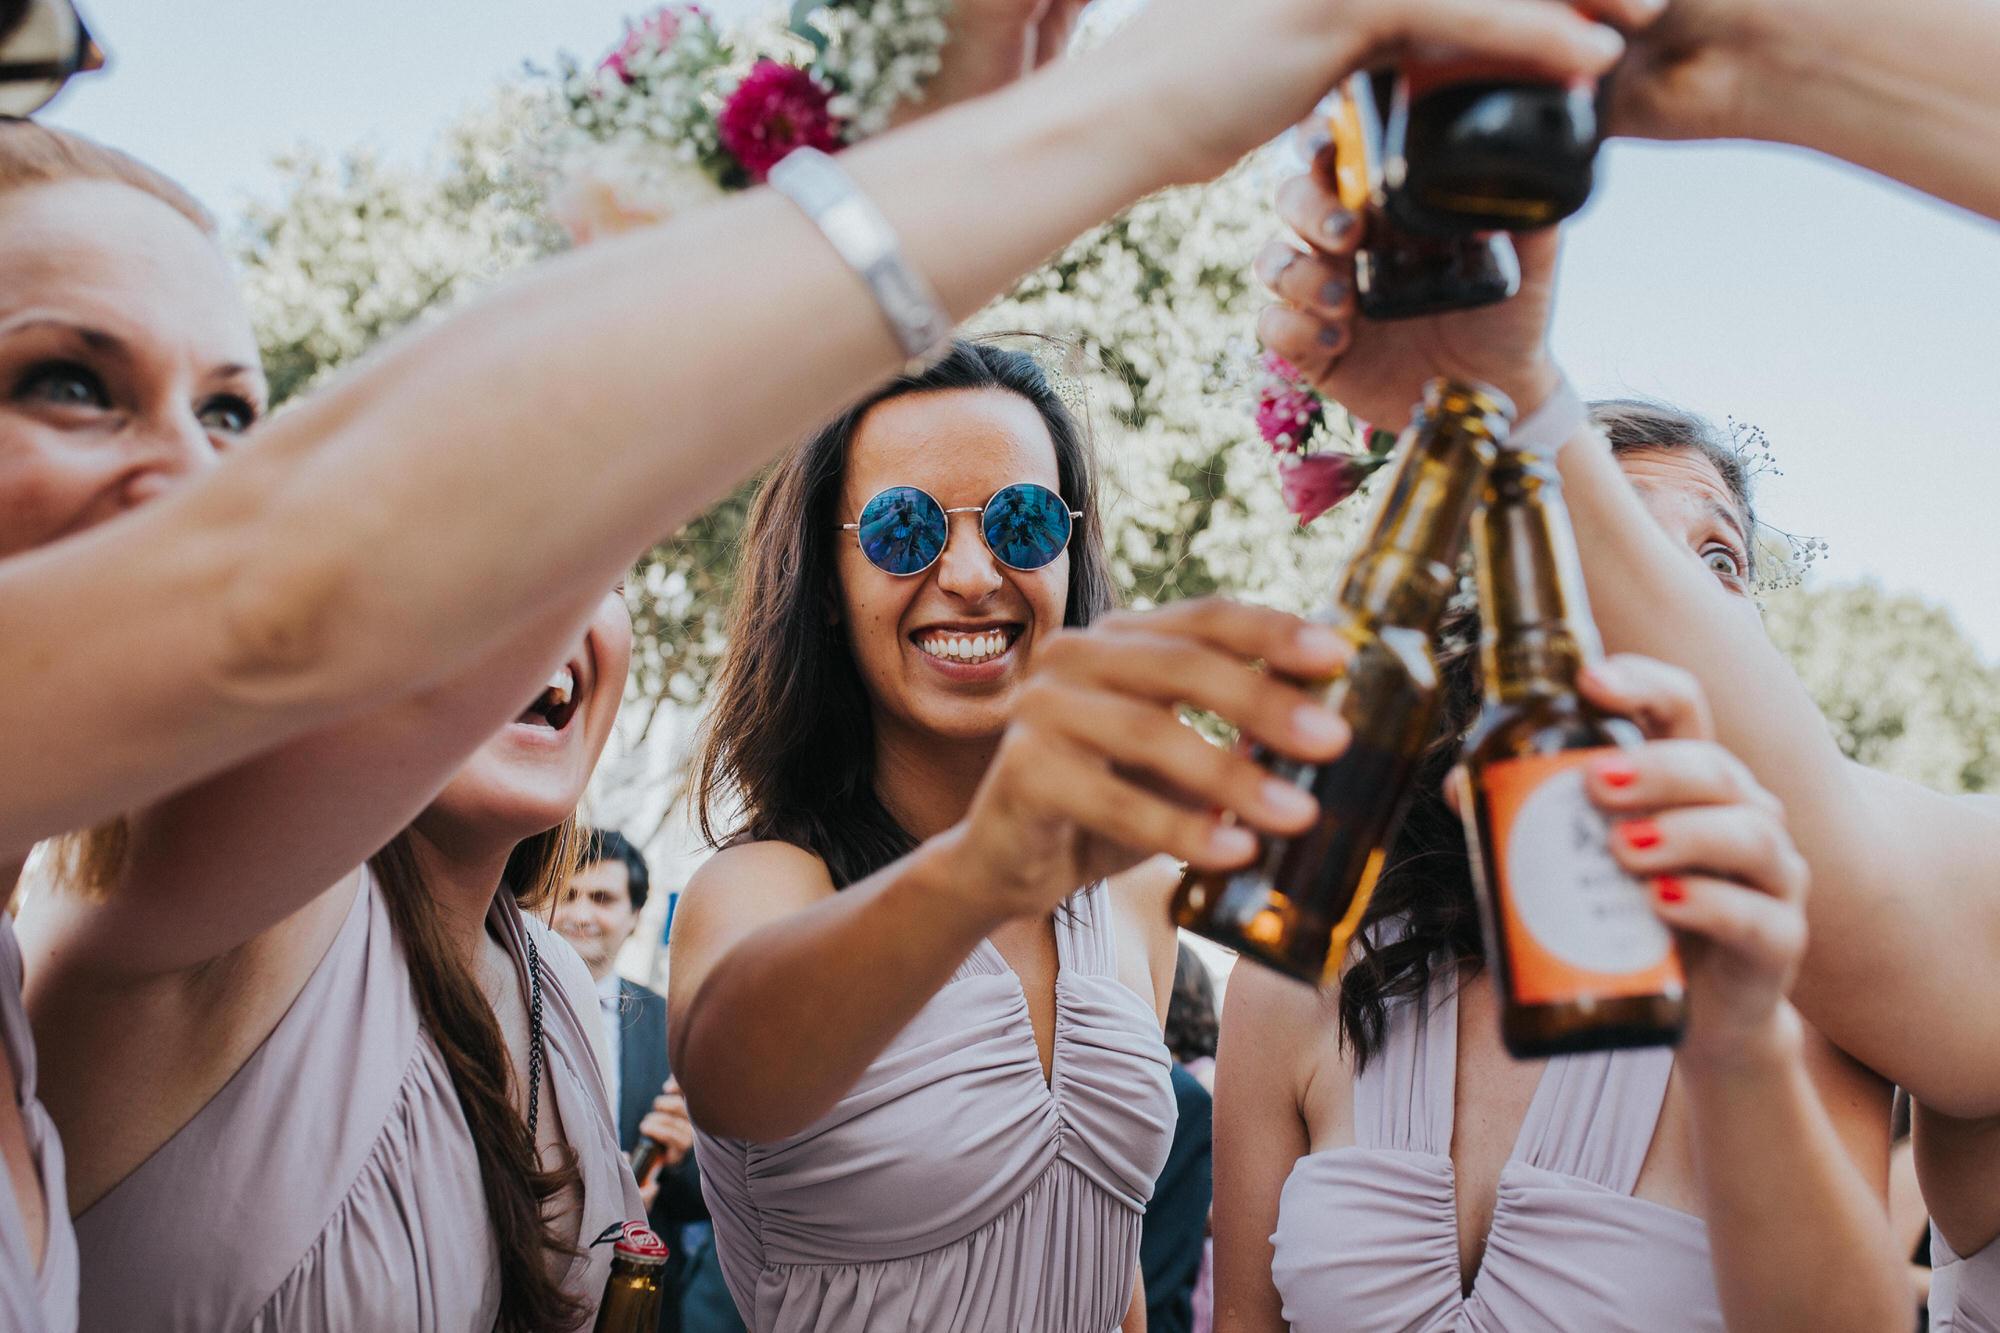 Filipe Santiago Fotografia-fotografo-malveira-lisboa-cascais-mafra-melhores-reportagem-wedding-photography-portugal-lisbon-best-natural-casamentos-lifestyle-bride-ideias-rustic-boho-hair-mackup-damas-preparativos-preparations-bridemaids-dress-shoes-bouquet-trends-church-cerimony-saida-igreja-dicas-drink-toast-beer